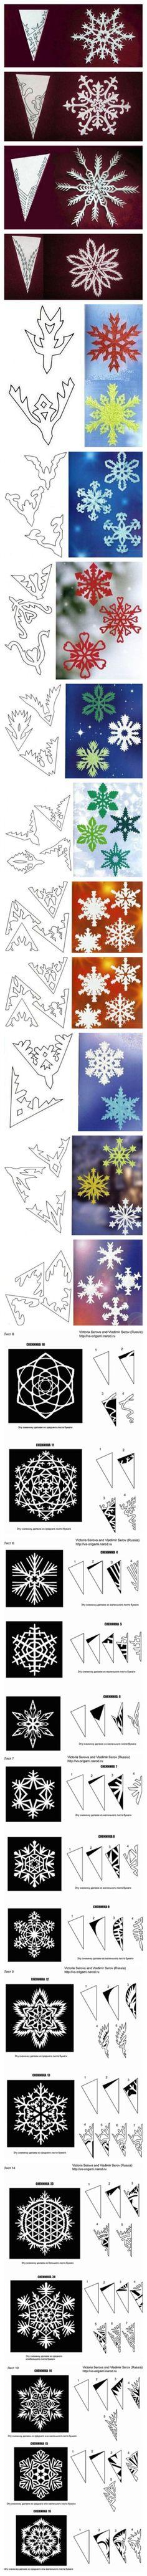 クリスマスを雪の結晶でデコレート!切り紙パターン46 クリスマス